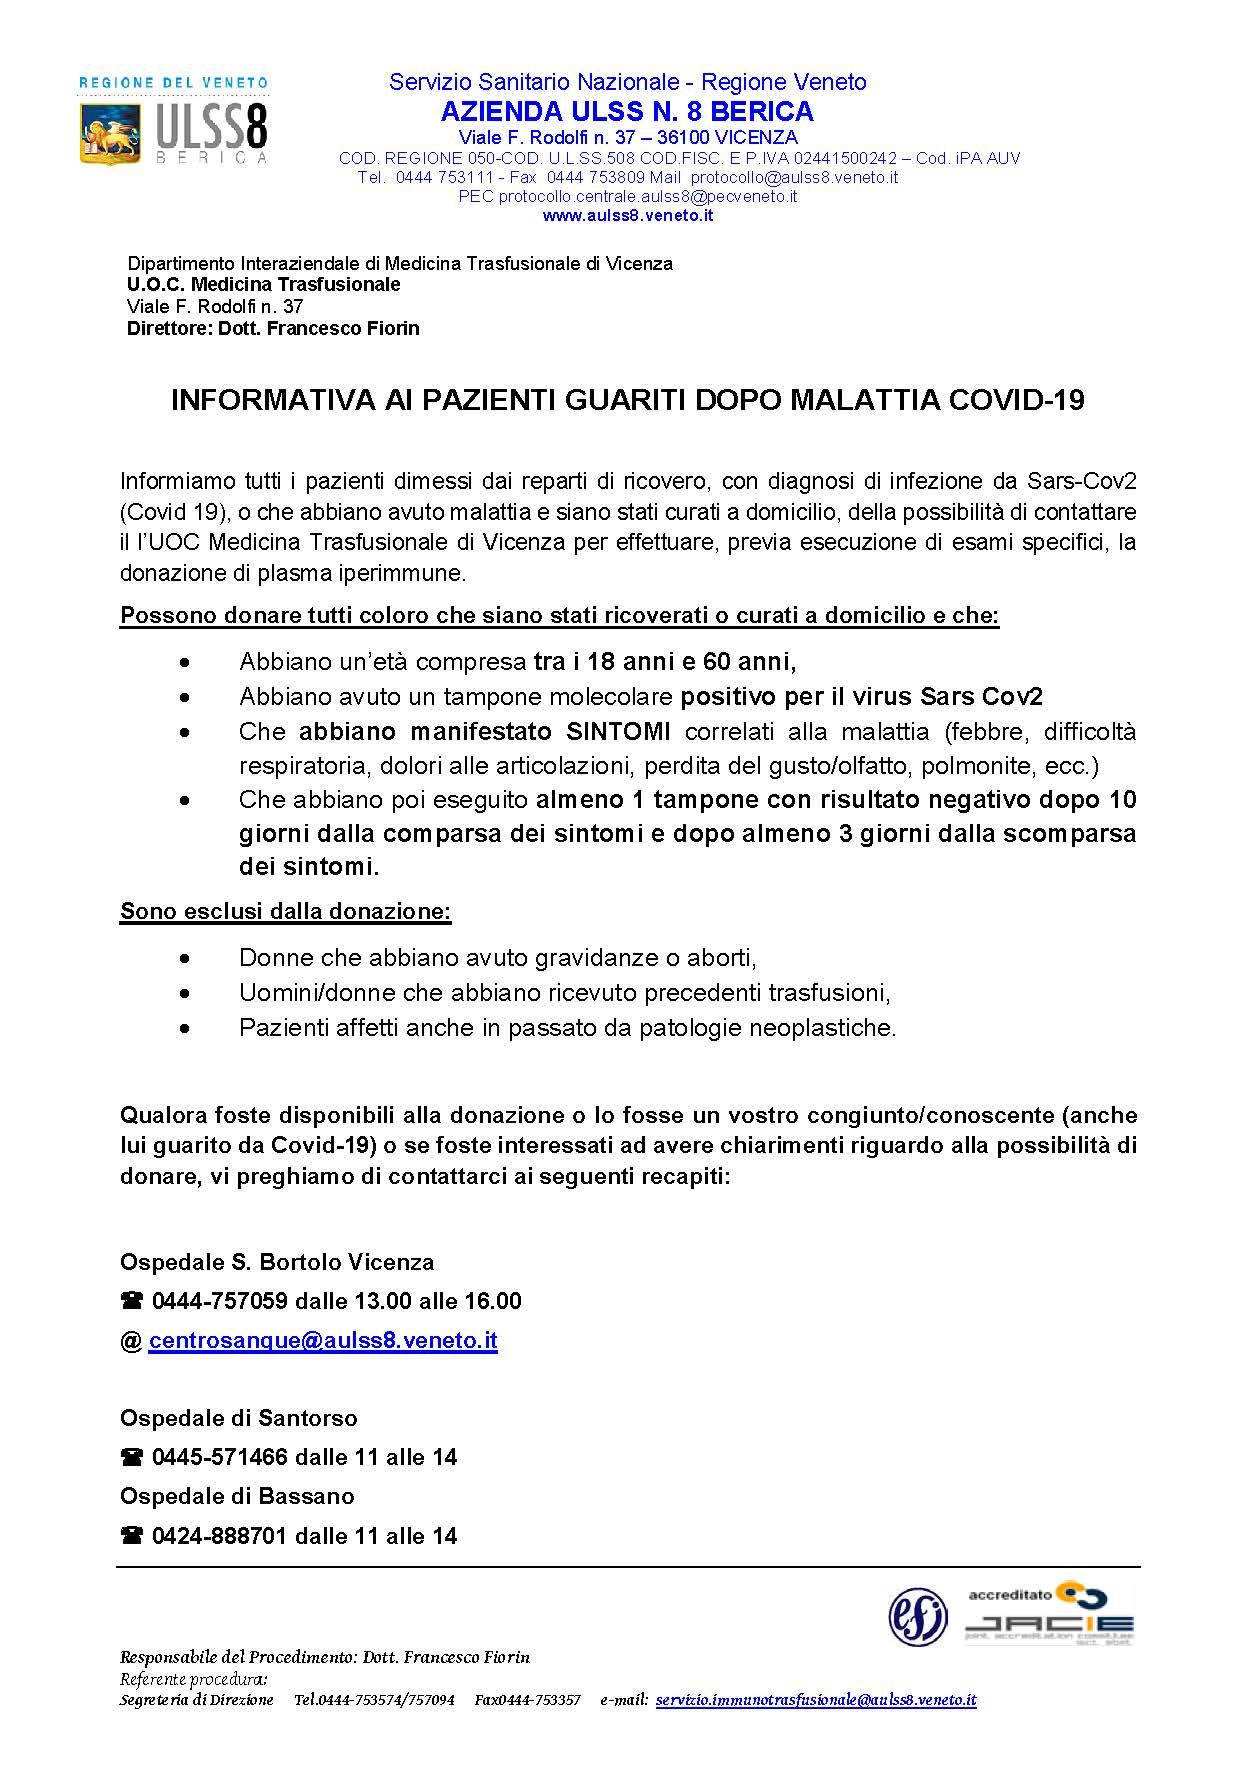 COVID19 informativa ai pazienti guariti_Pagina_1